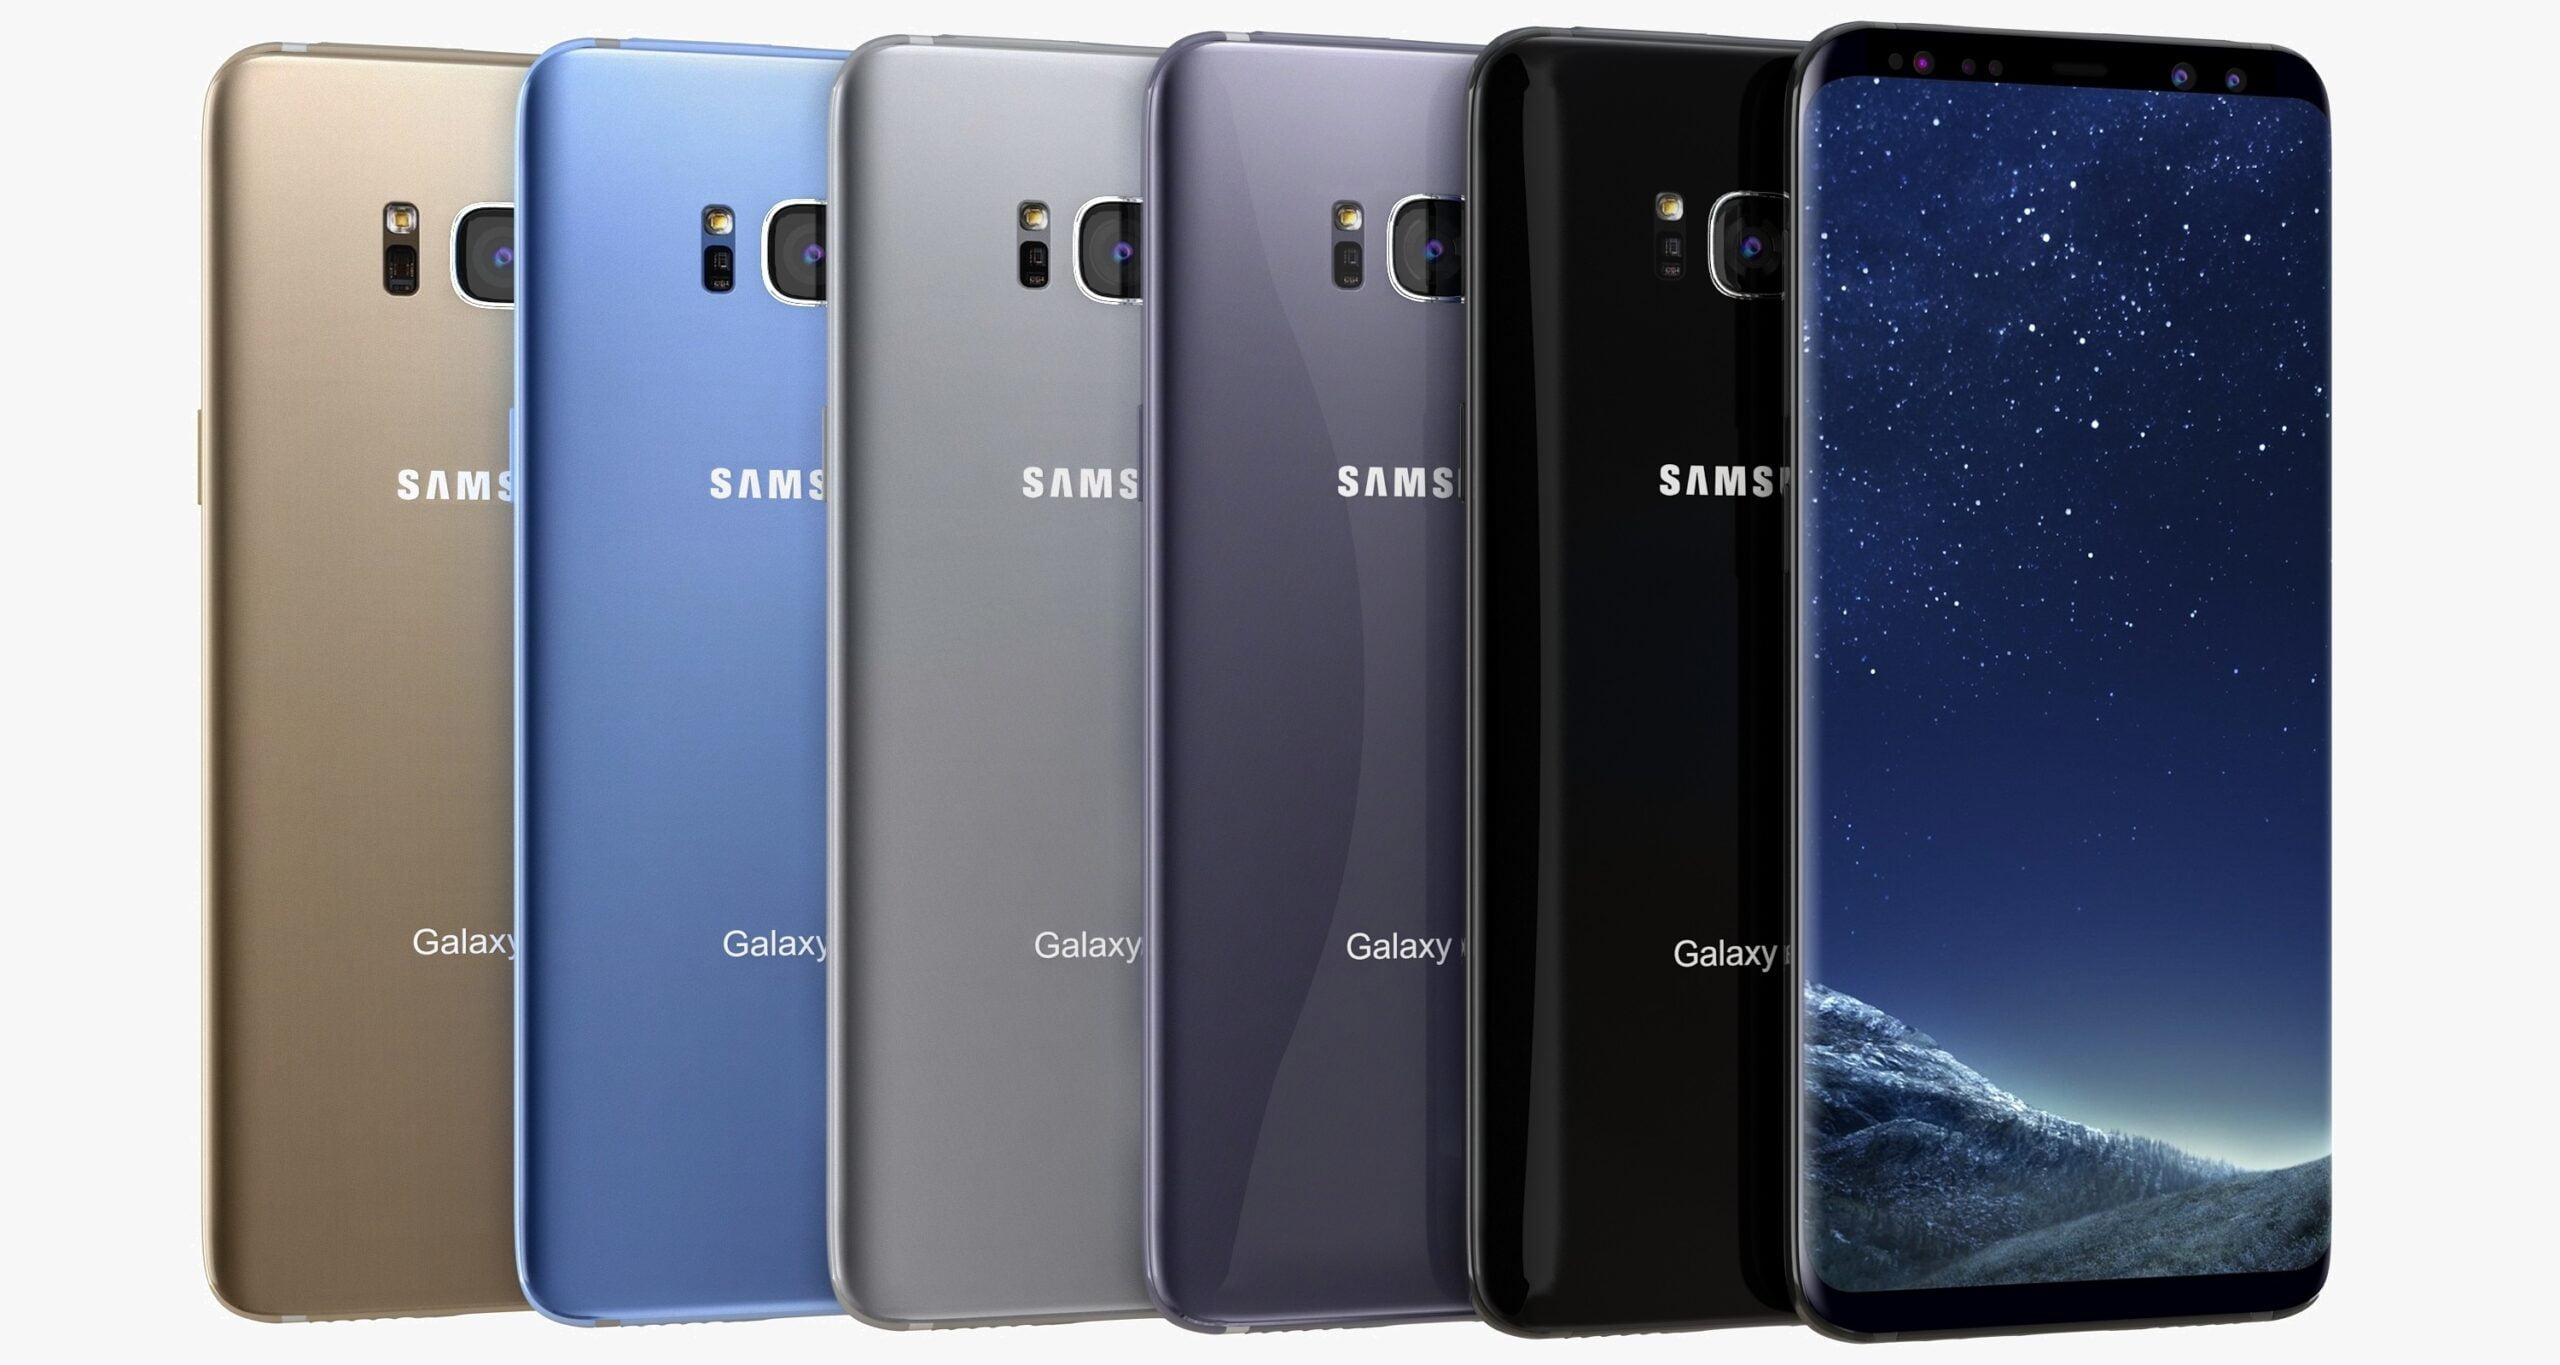 Samsung Galaxy S8 güncelleme almayacak!